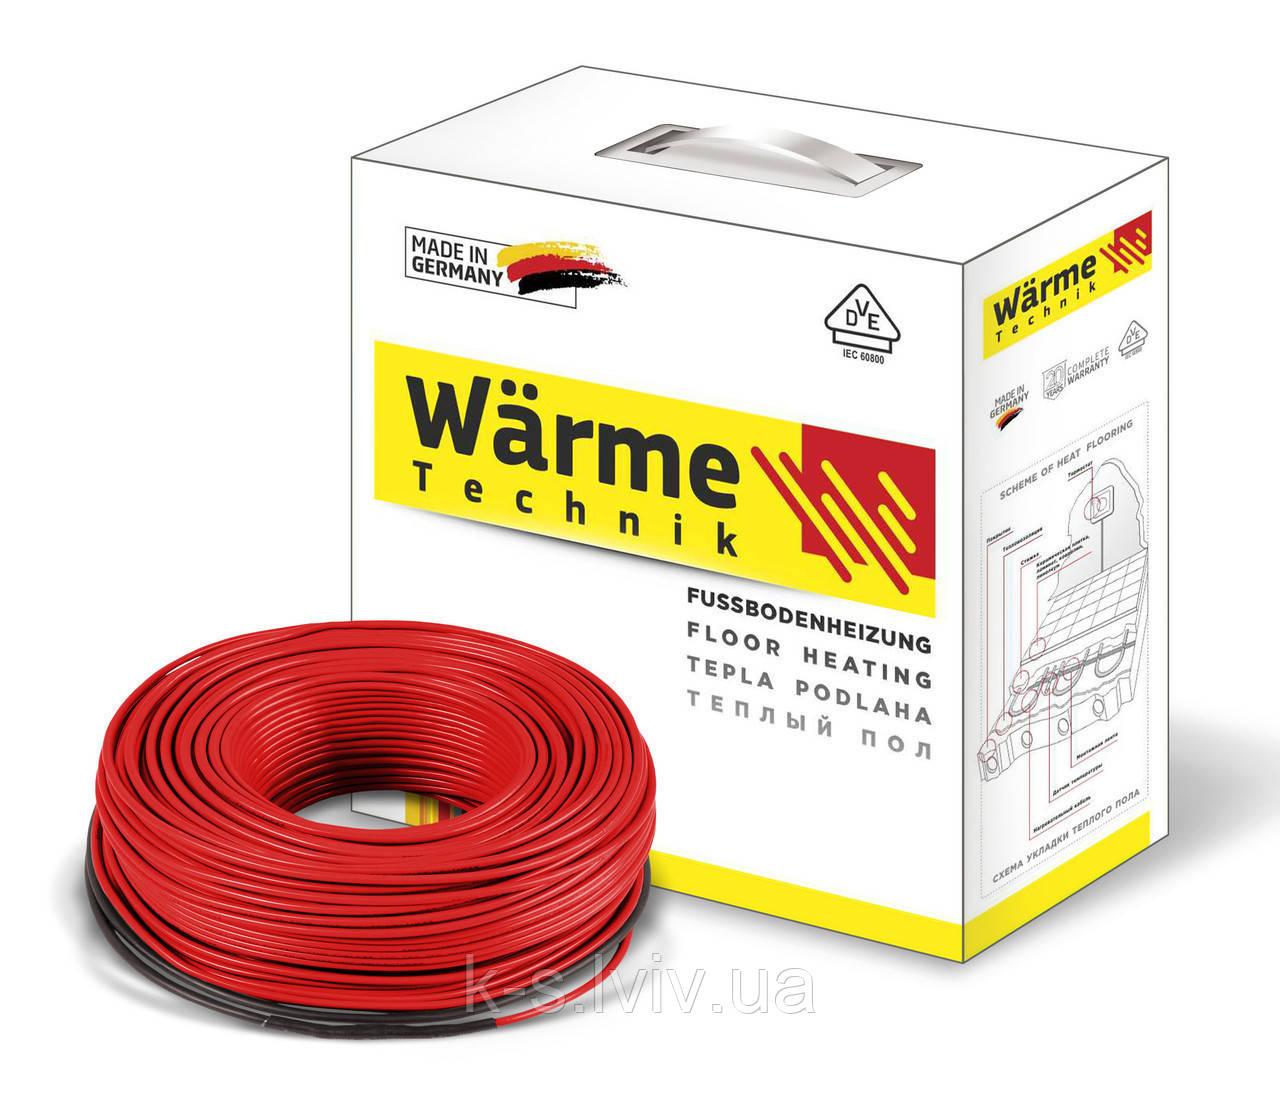 Двожильний нагрівальний тонкій кабель Варм (Wärme) Twin flex cable - 1500/ 8,0-10,0м2